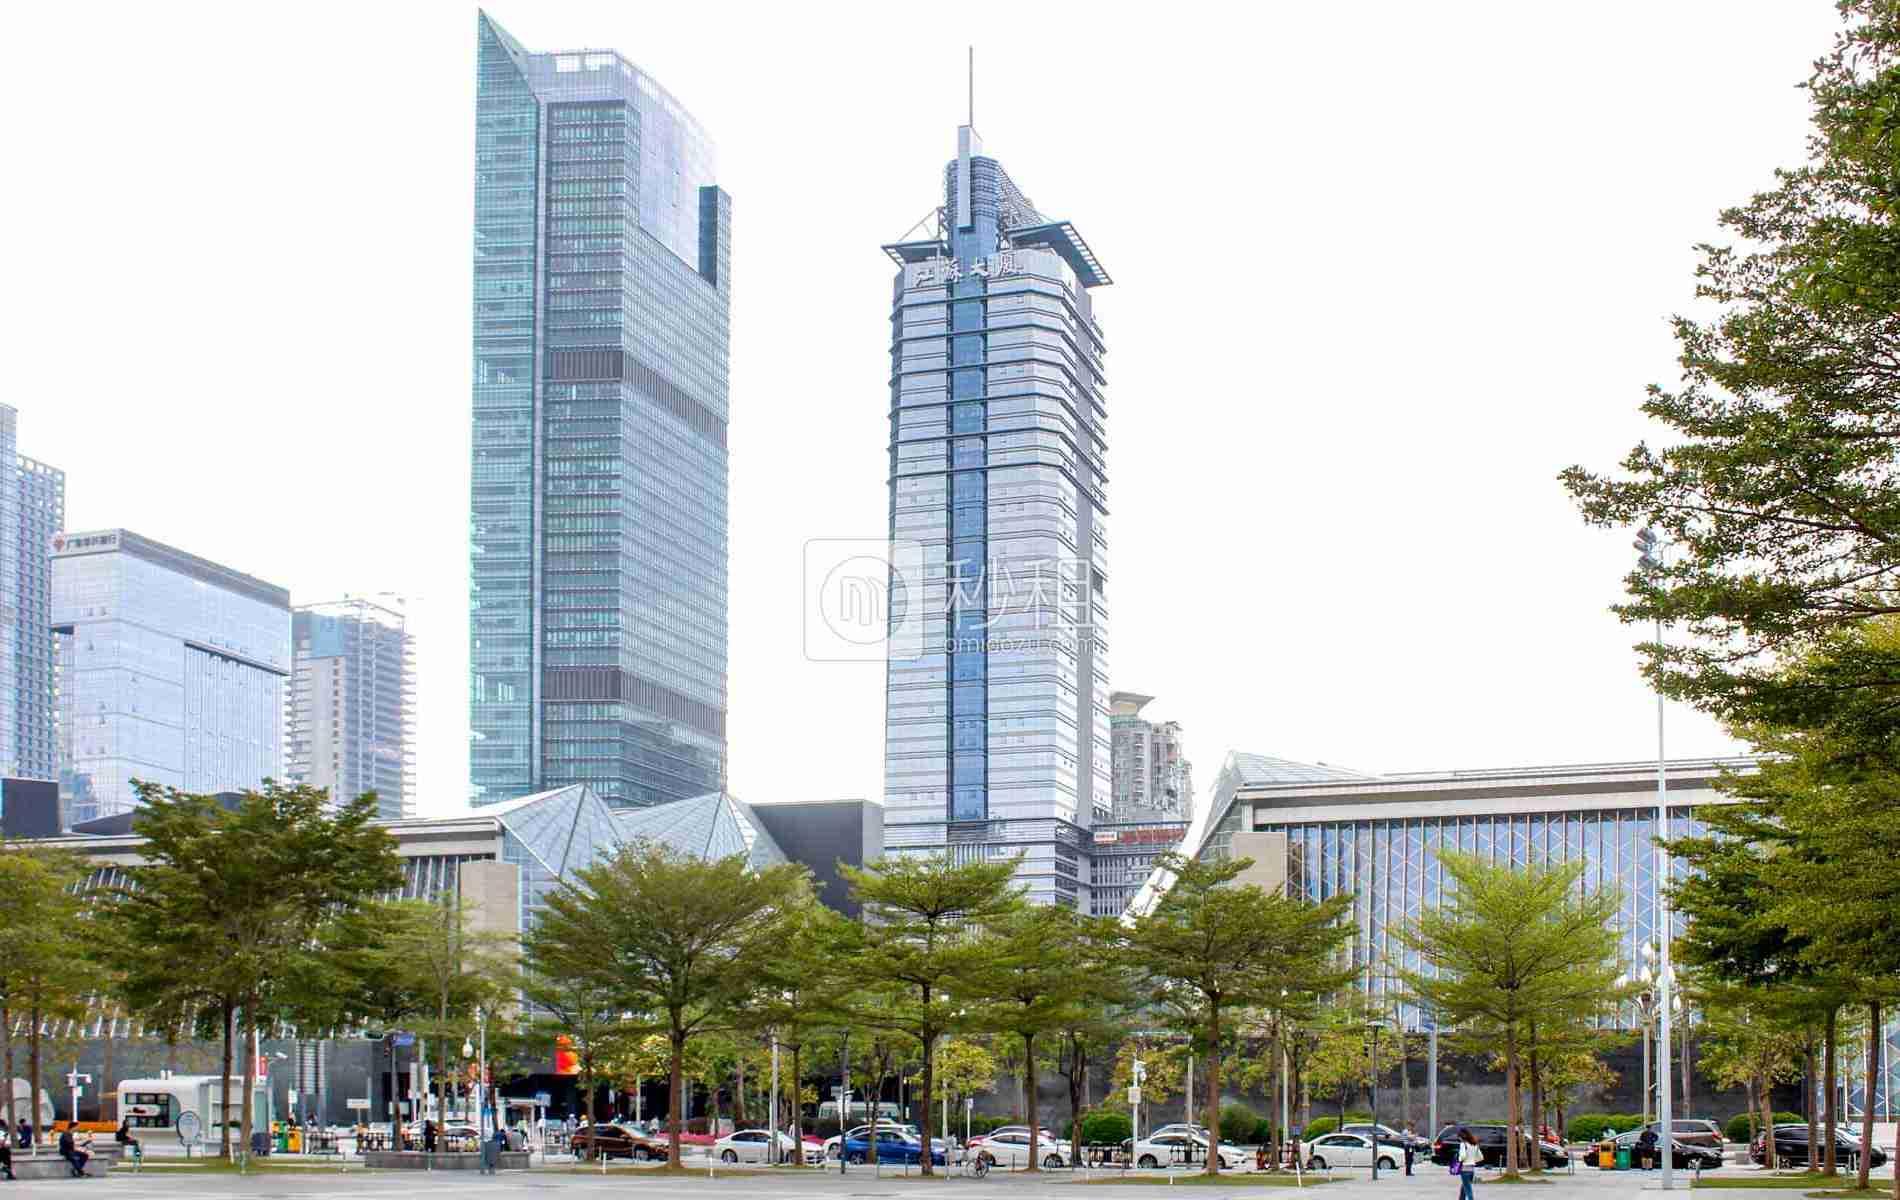 江苏大厦写字楼出租/招租/租赁,江苏大厦办公室出租/招租/租赁